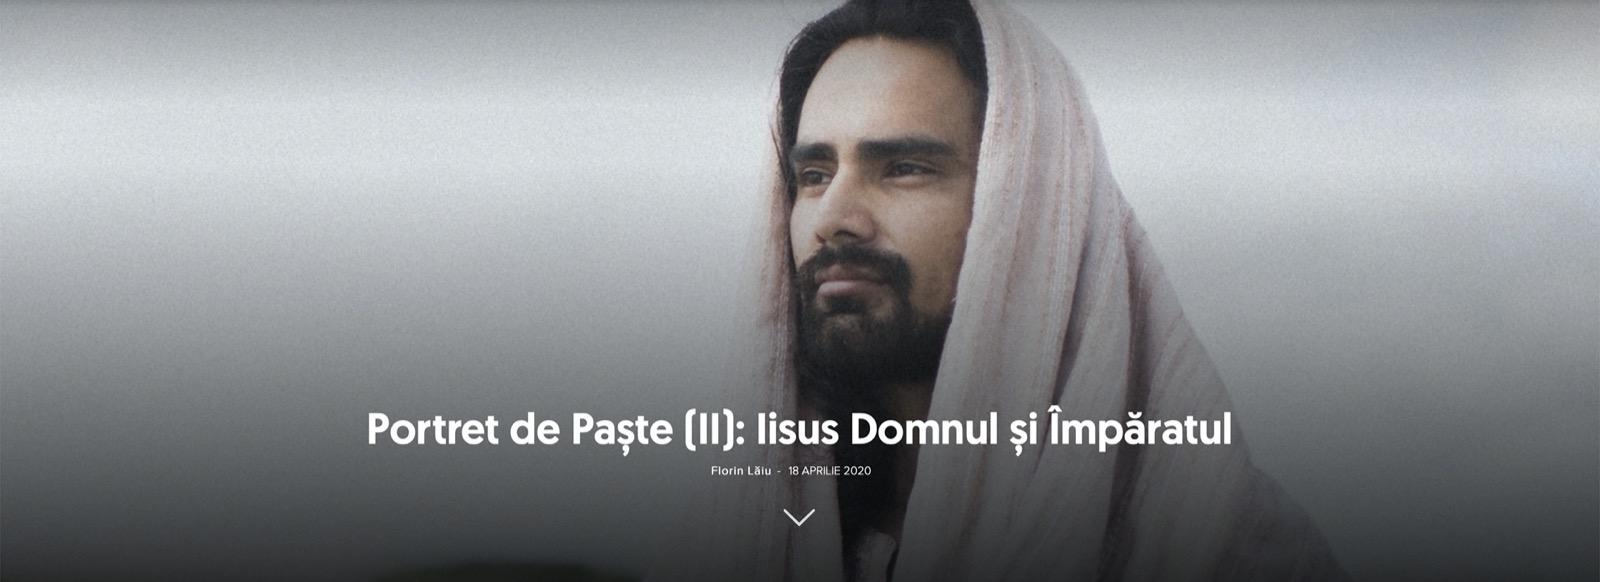 Portret de Paște (II): Iisus Domnul și Împăratul